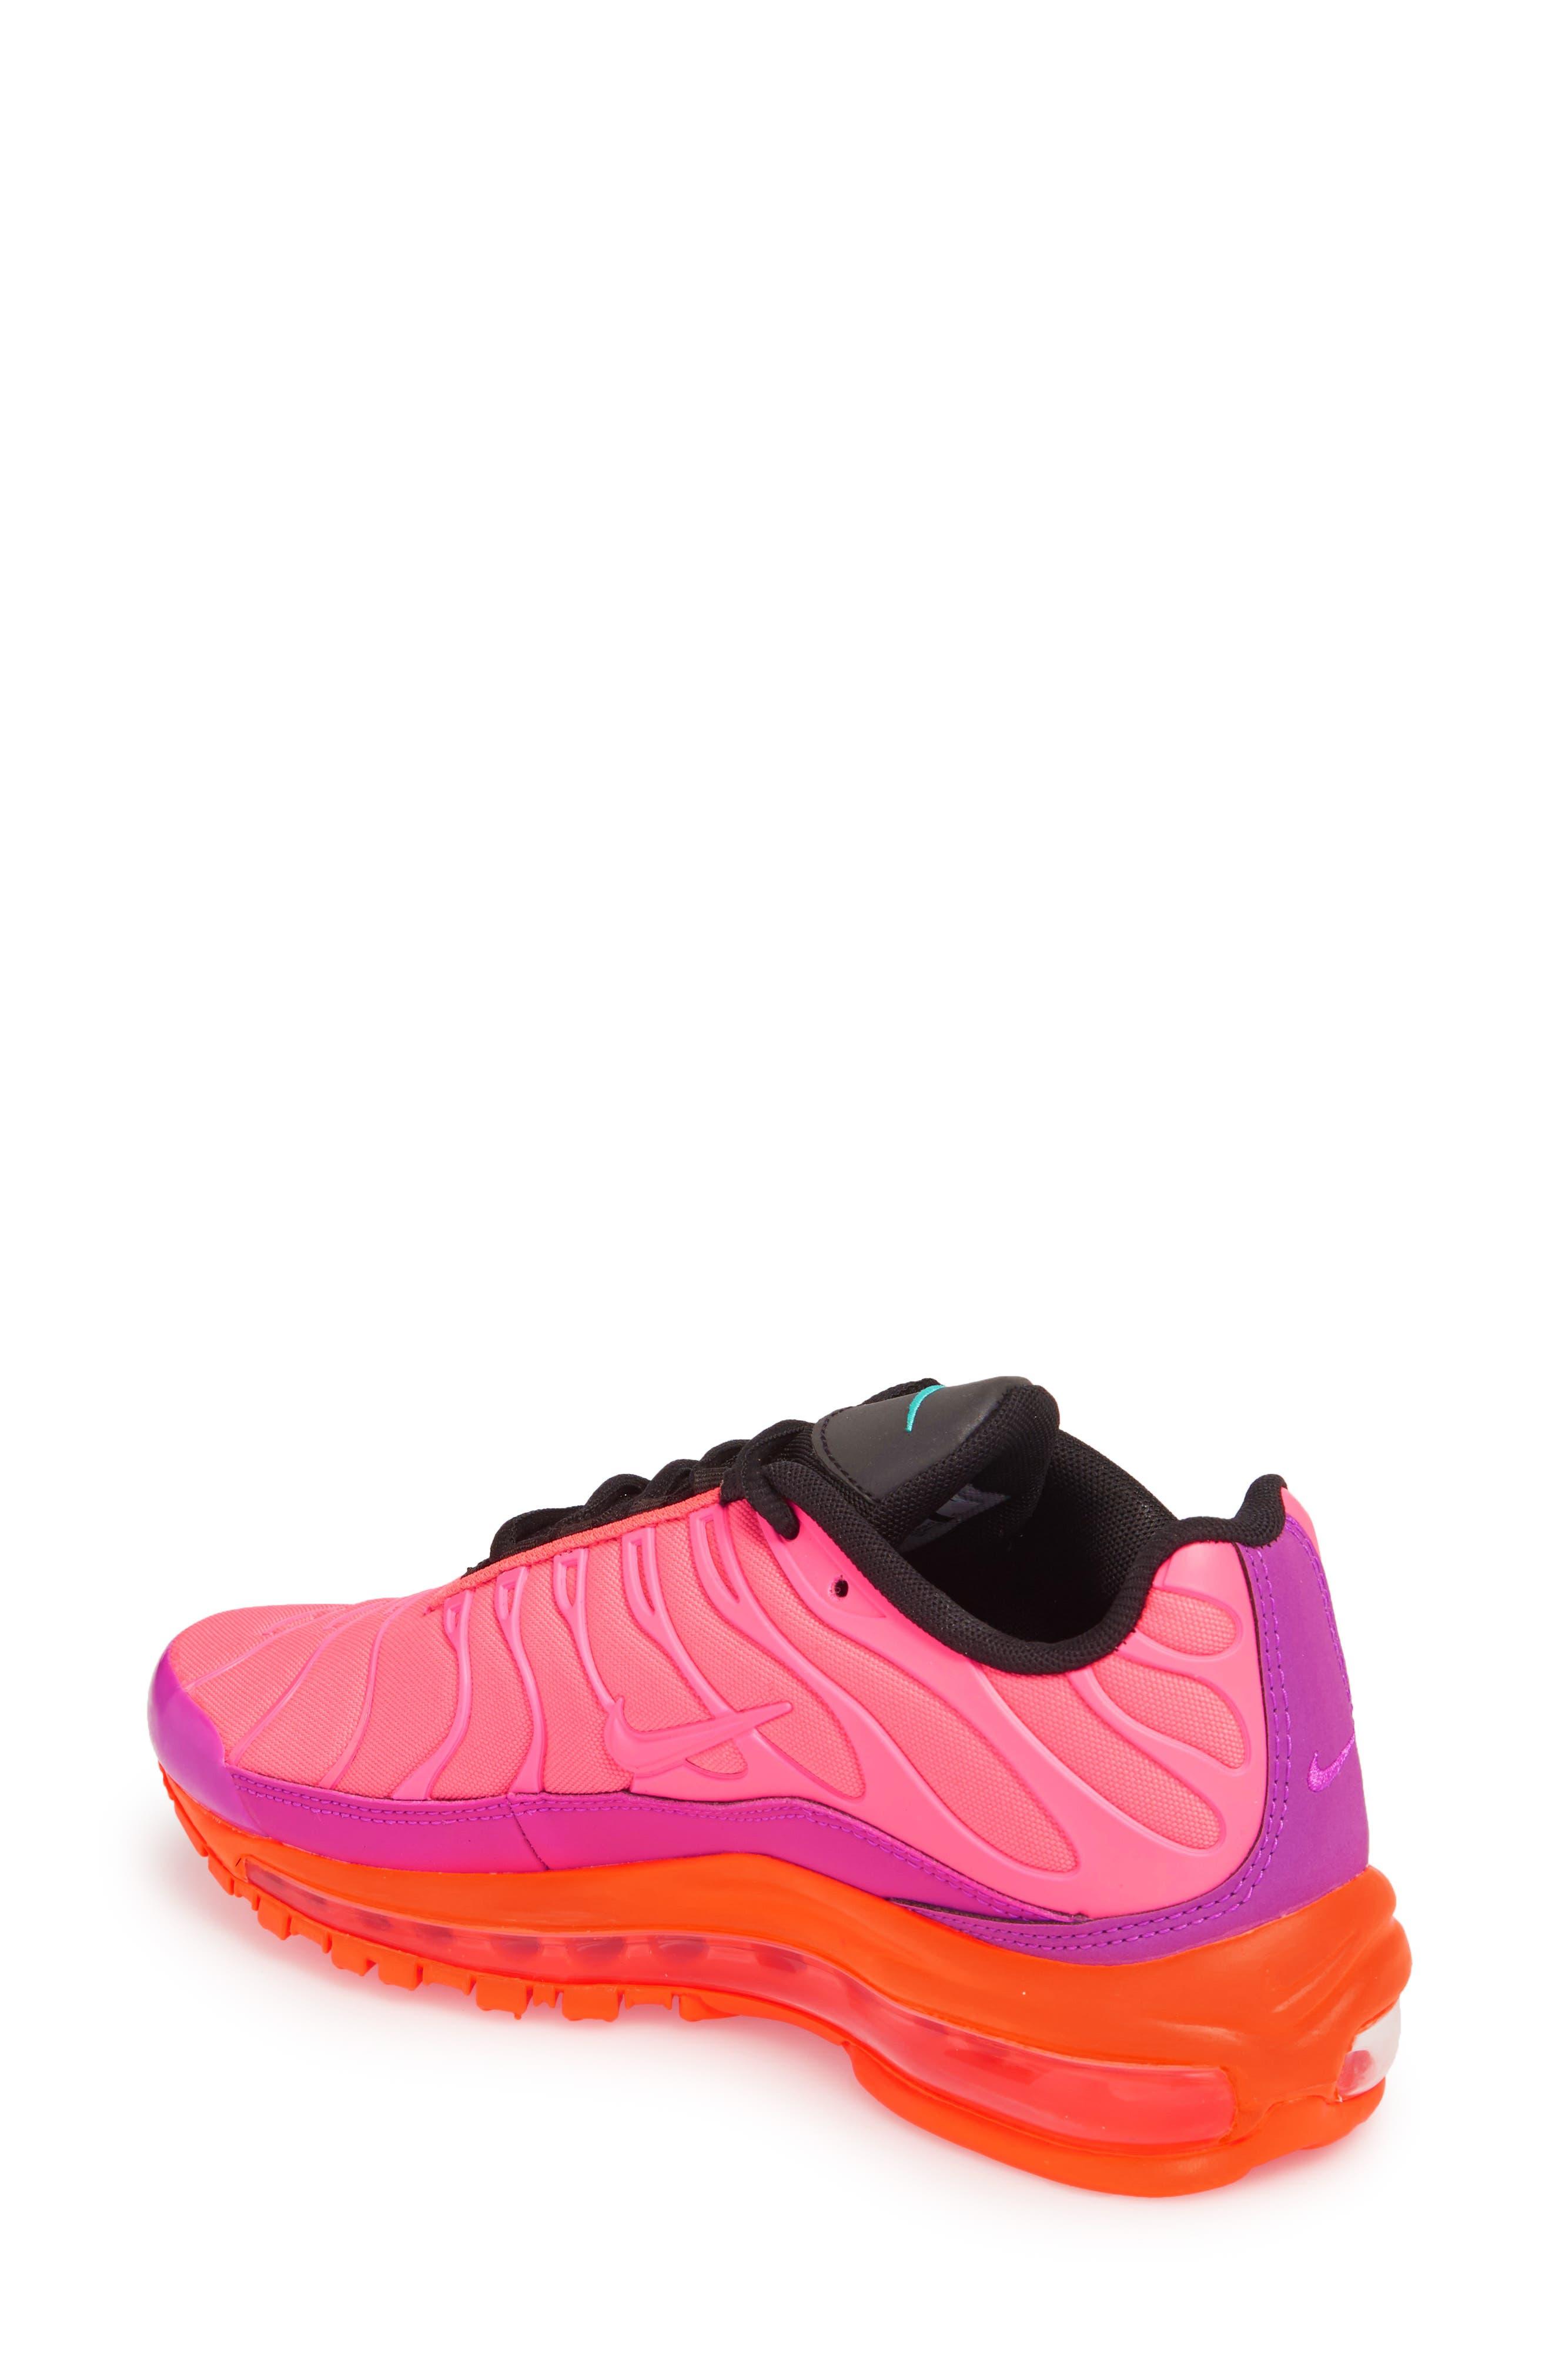 Air Max 97 Plus Sneaker,                             Alternate thumbnail 2, color,                             Racer Pink/ Magenta/ Crimson